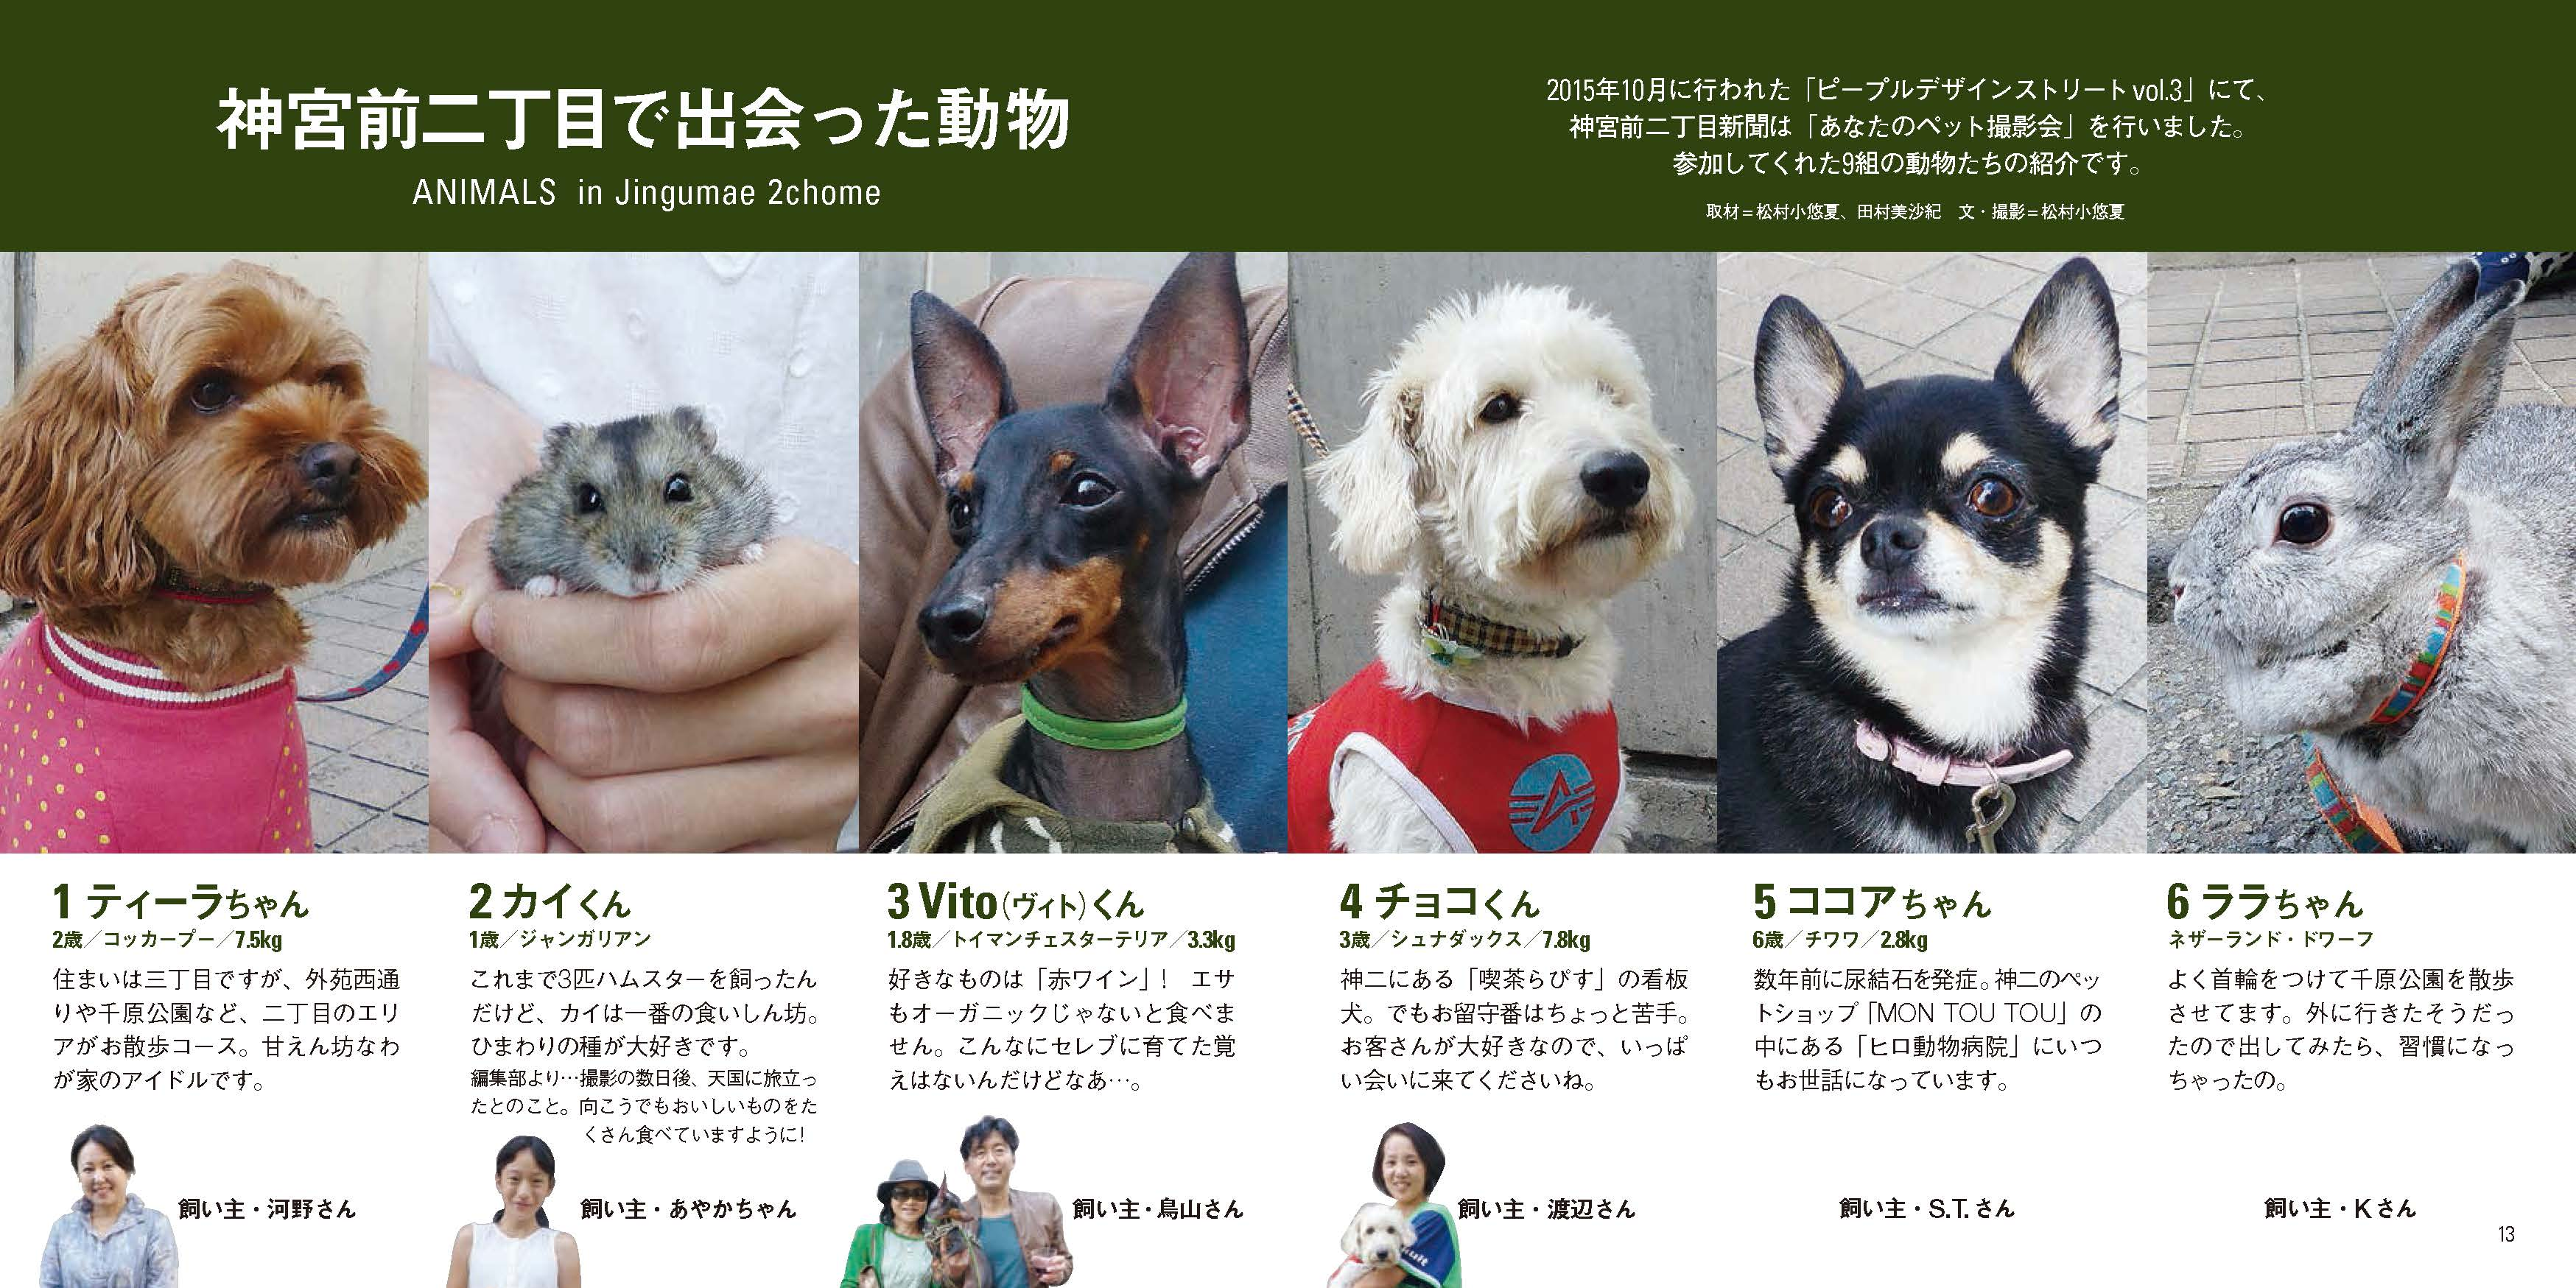 7.神2新聞_第4号_動物1